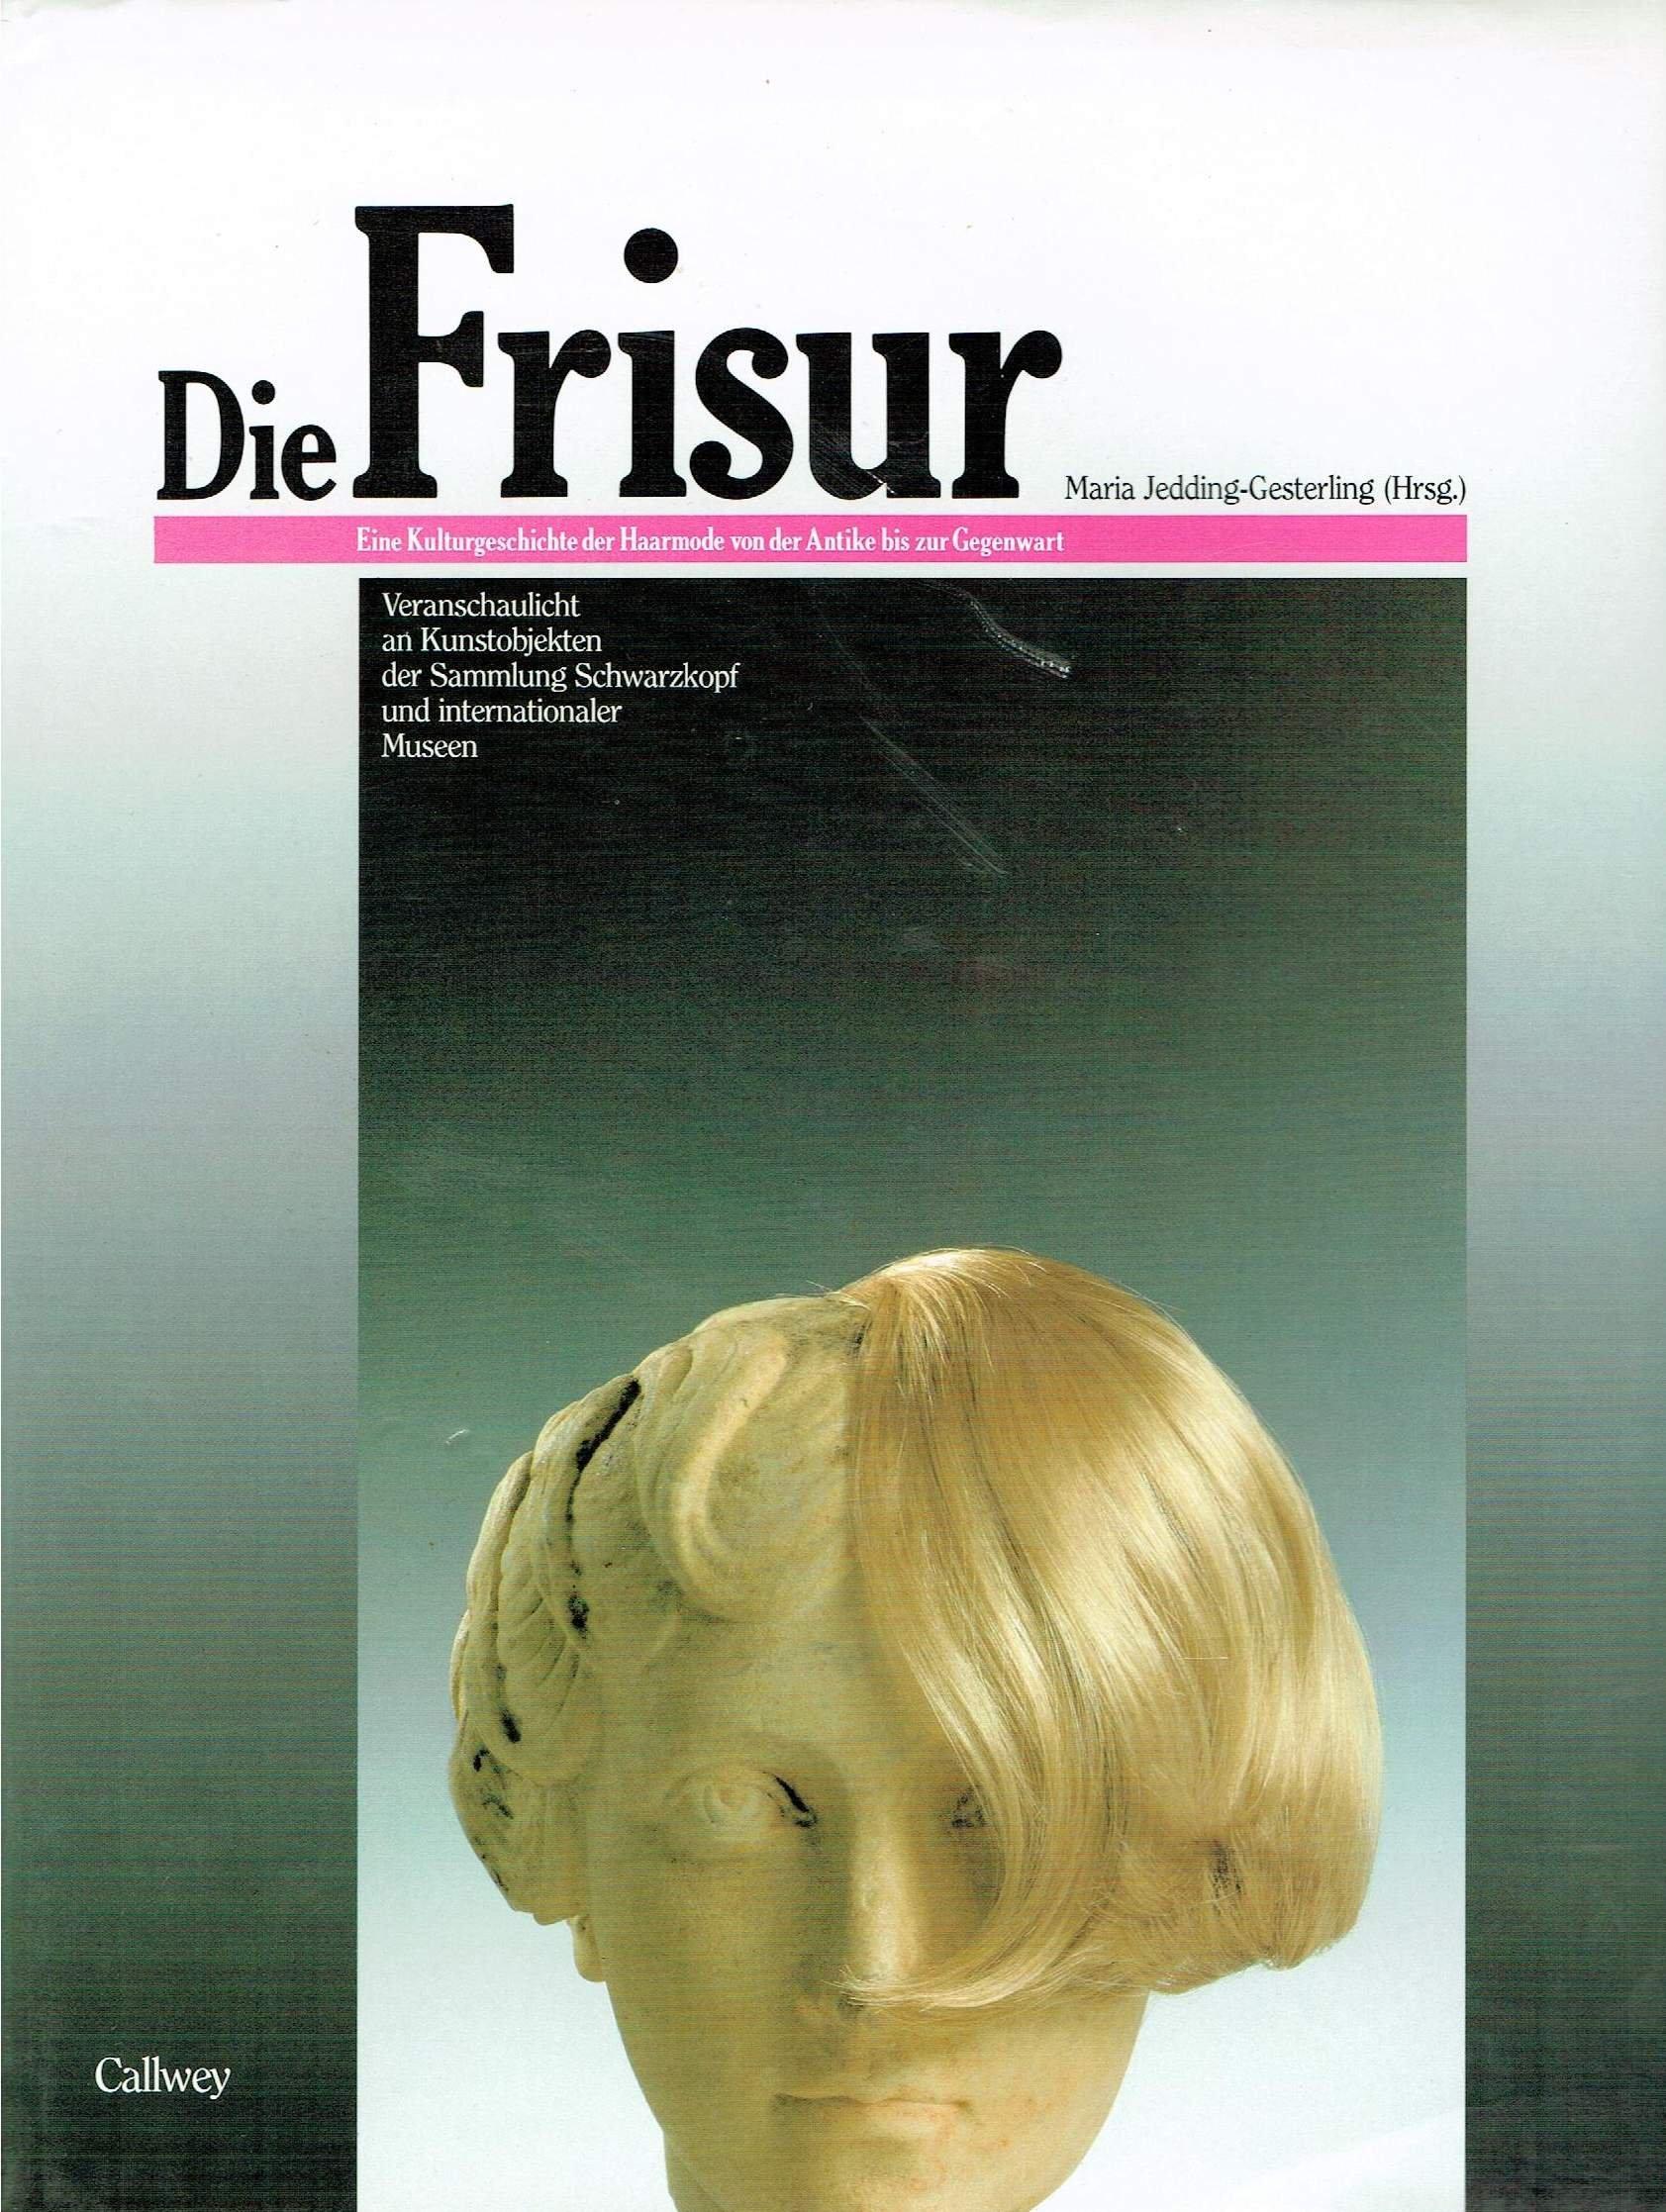 Die Frisur. Eine Kulturgeschichte der Haarmode von der Antike bis zur Gegenwart veranschaulicht an Kunstobjekten der Sammlung Schwartzkopf und internationaler Museen